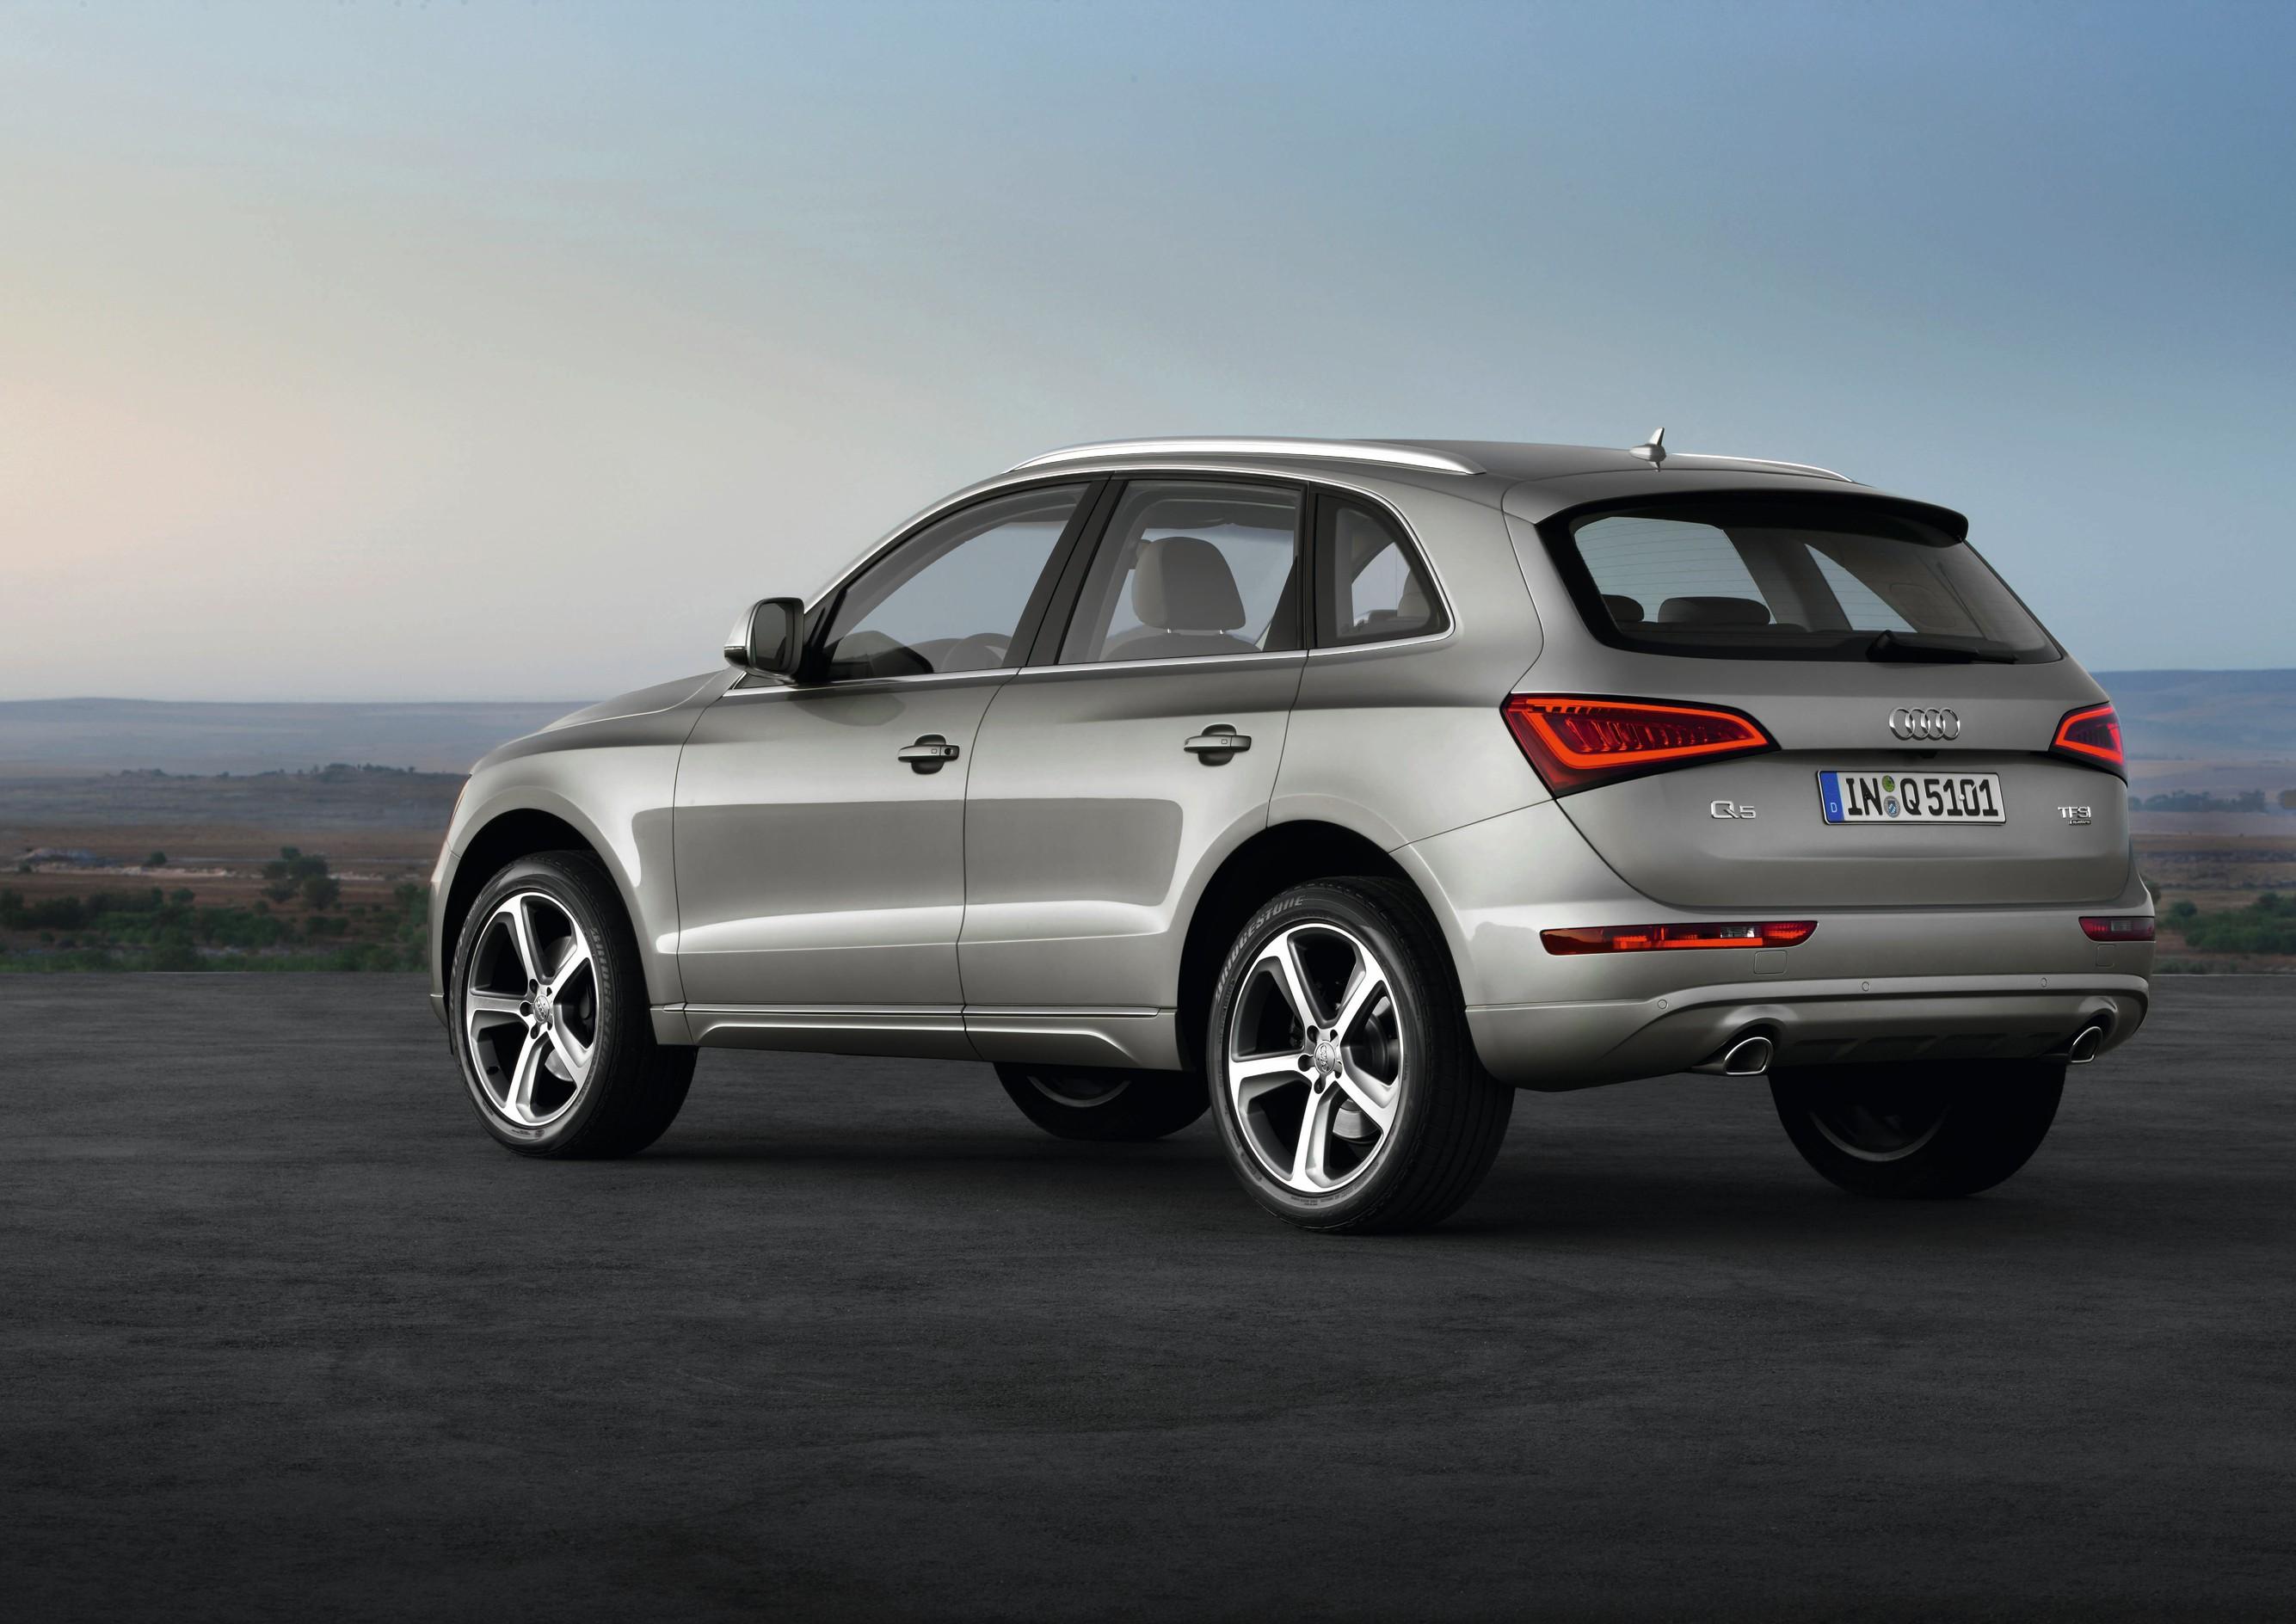 Audi Q5 Auto Titre